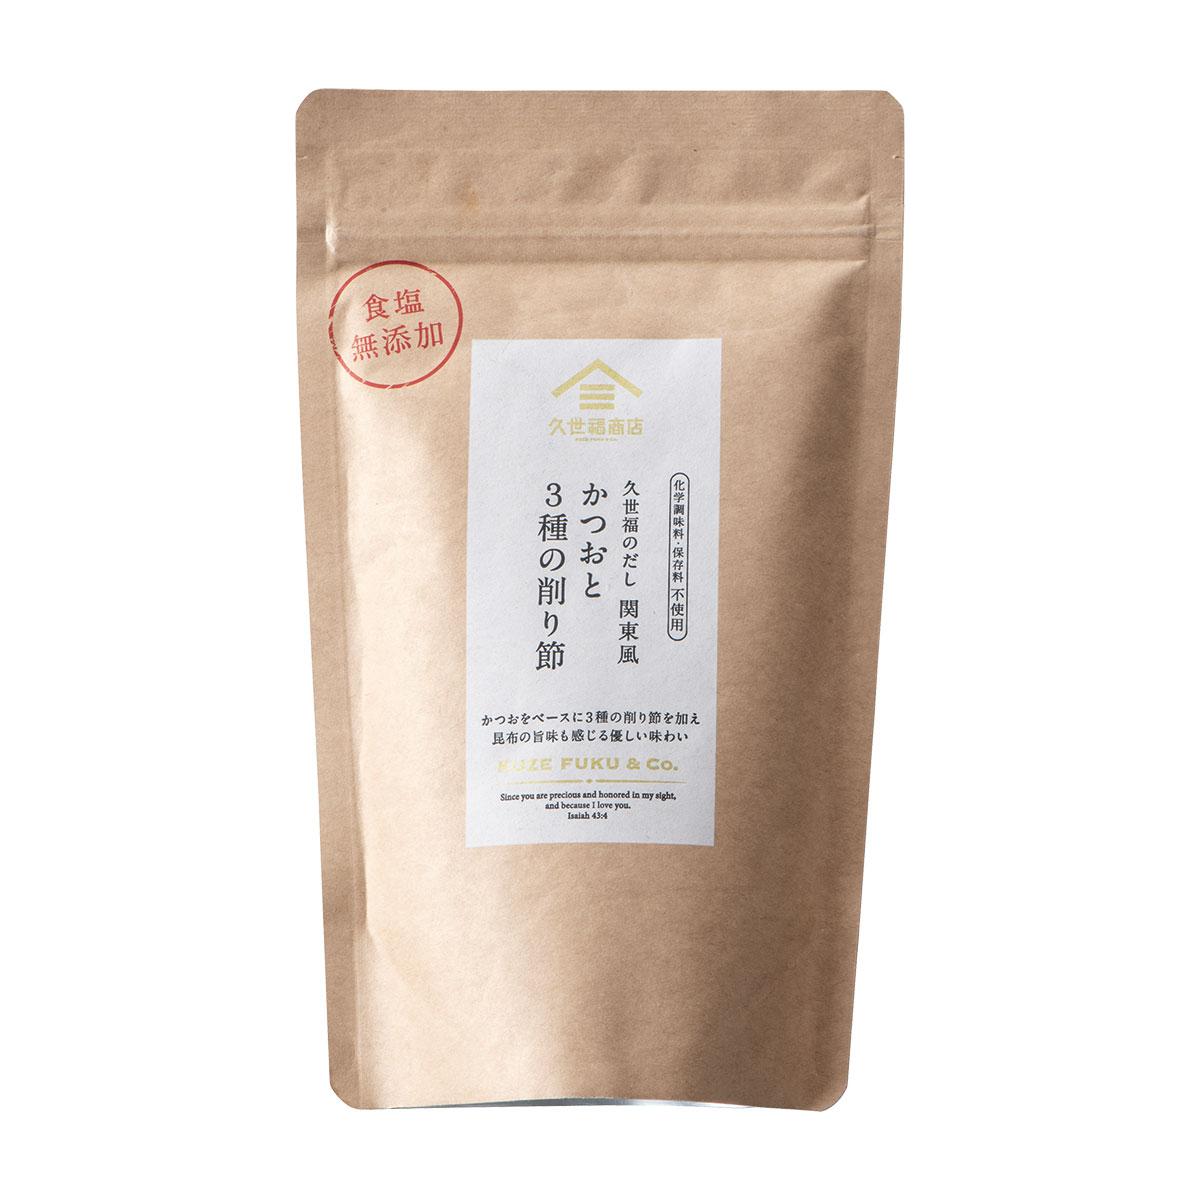 食塩無添加 宗田鰹節の濃厚な味わいが広がります 久世福のだし 中古 関東風 かつおと3種の削り節 不使用 化学調味料 7g×8包 新作 保存料